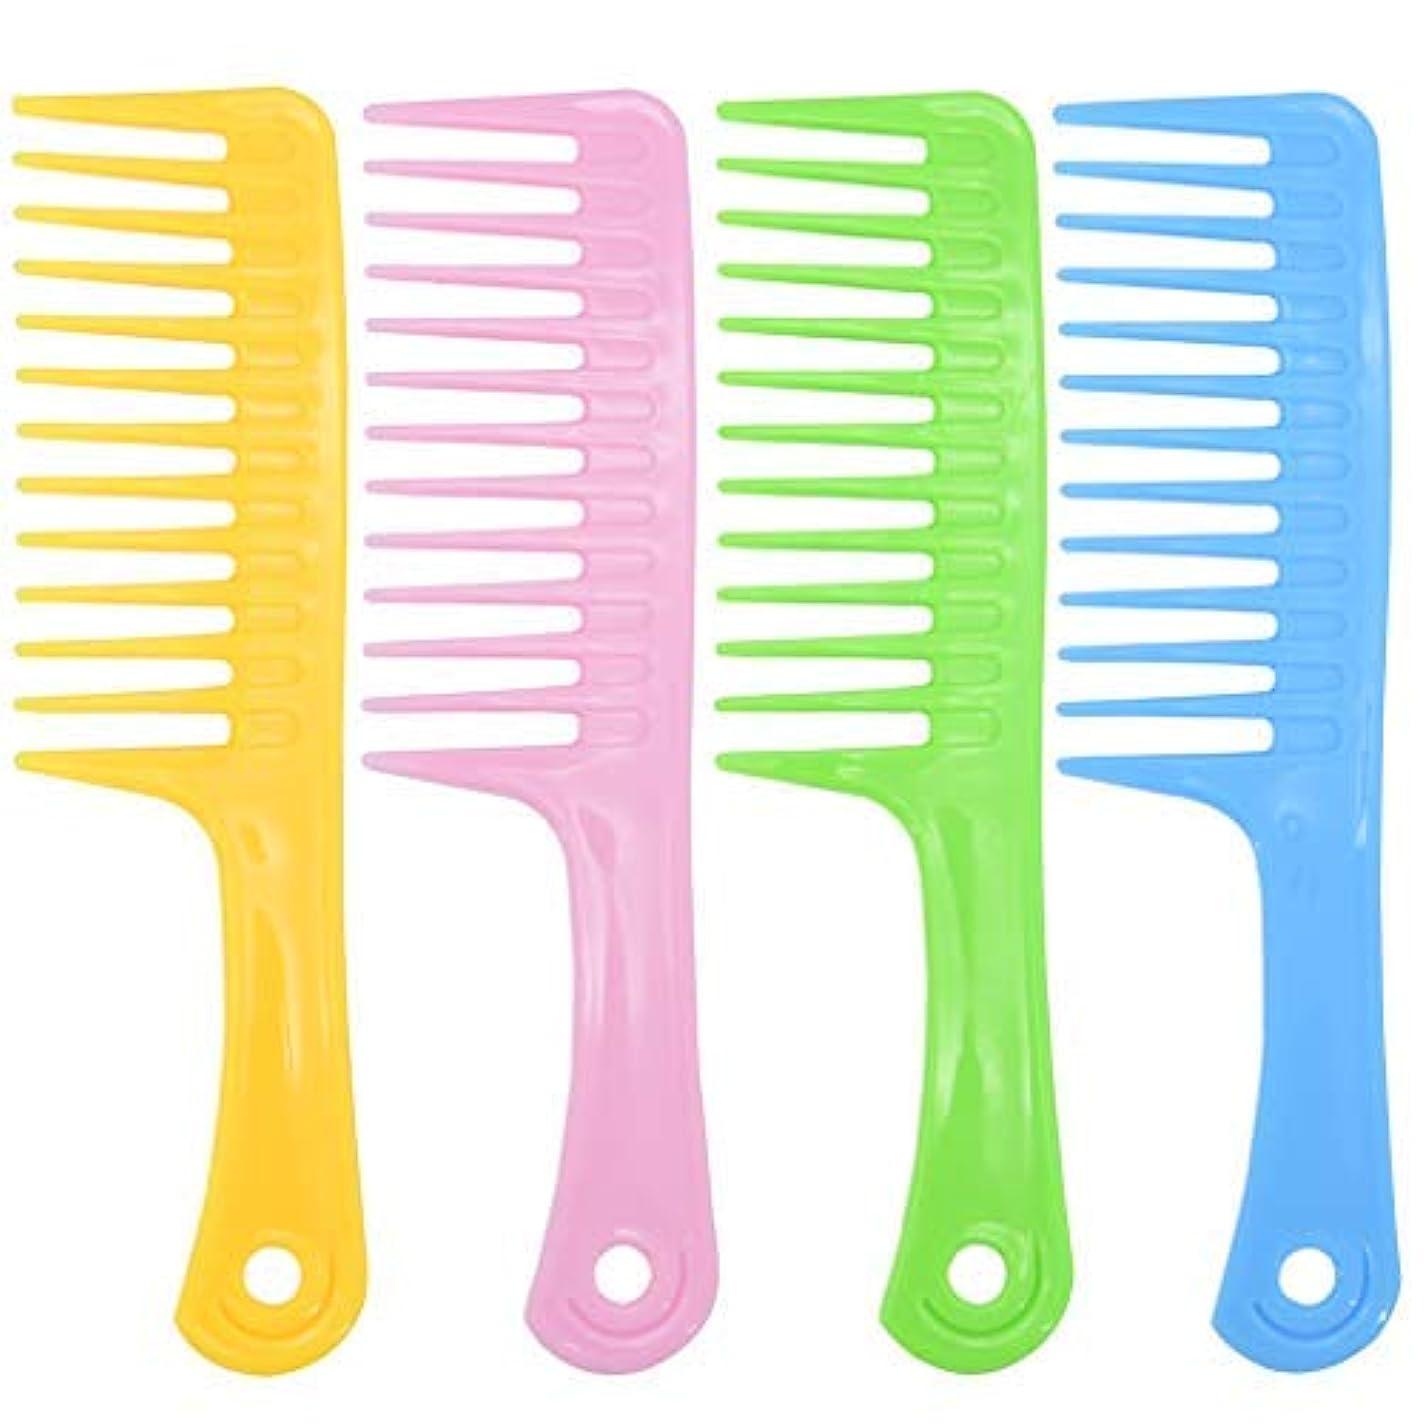 低下動作受付Ancefine 8 Pieces Large Tooth Detangle Comb Anti-static Wide Hair Salon Shampoo Comb for Thick,Long and Curl Hair...